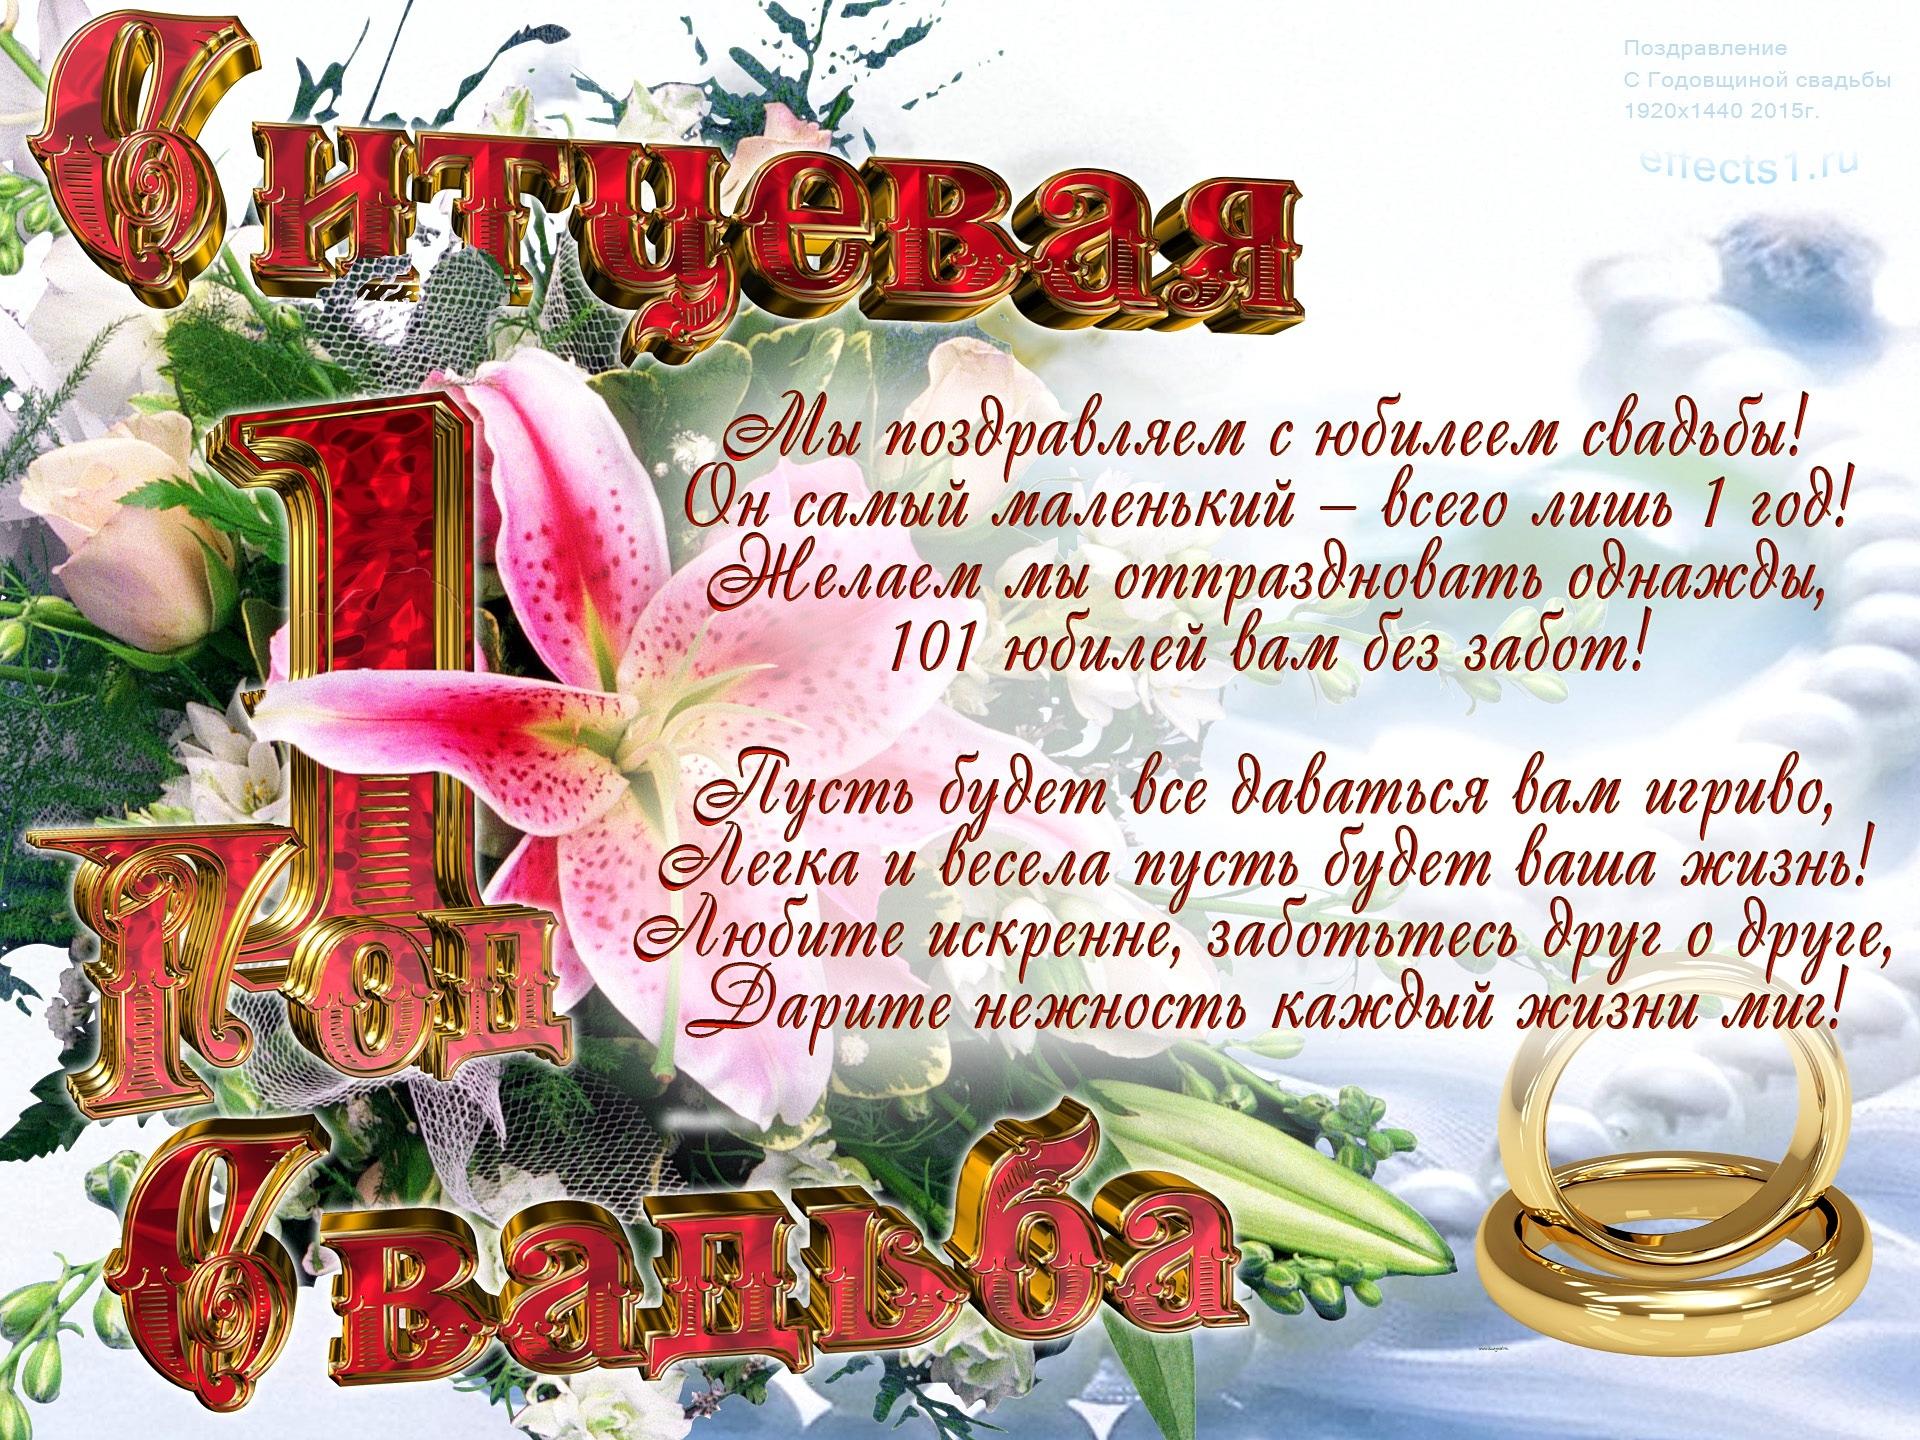 С годовщиной свадьбы поздравления 1 год прикольные